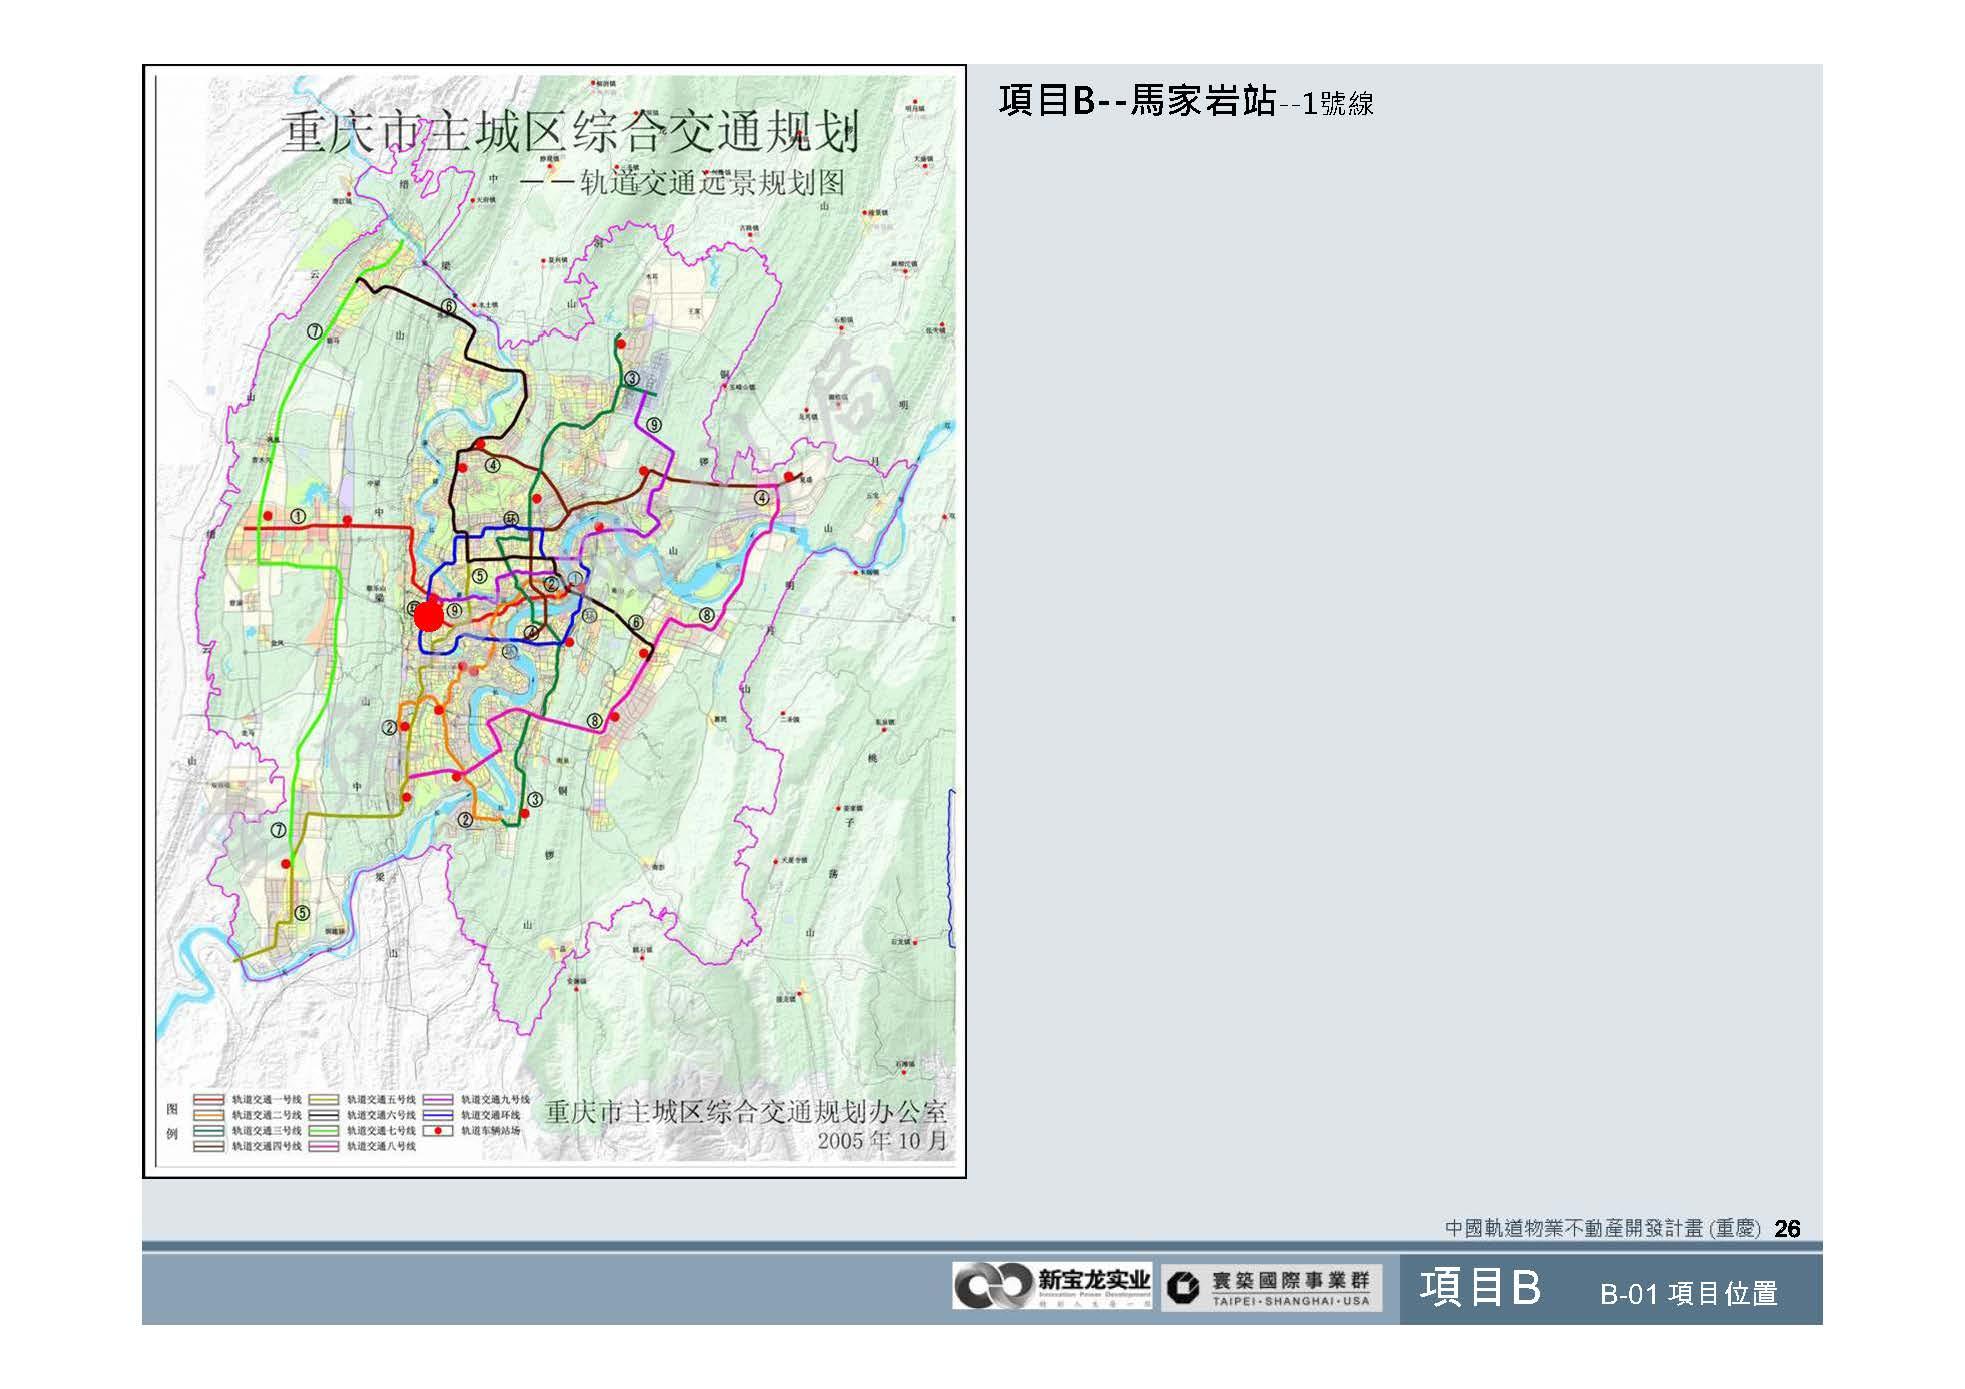 20100812-中國軌道物業不動產開發計畫(重慶)_頁面_27